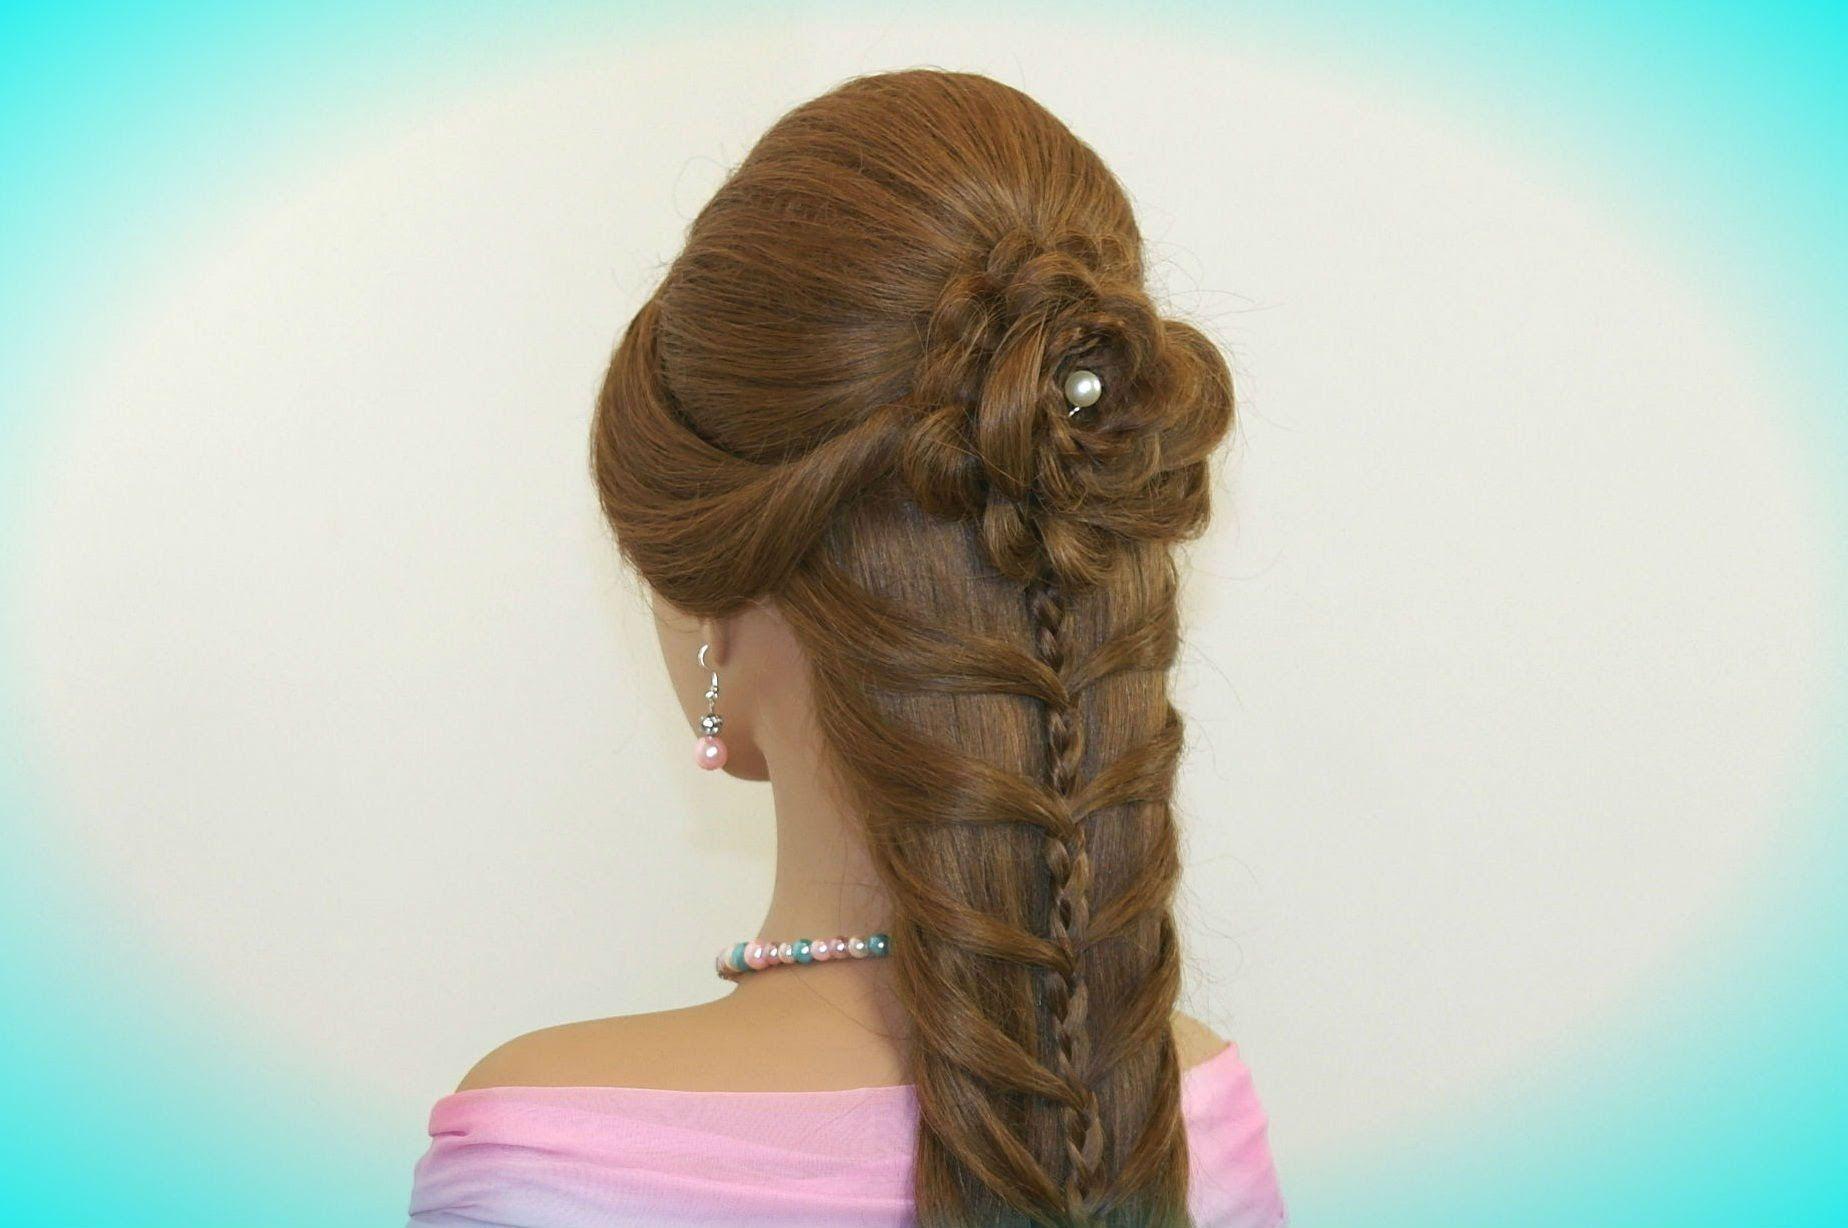 Cute prom braided hairstyles for long hair hair made rose hair